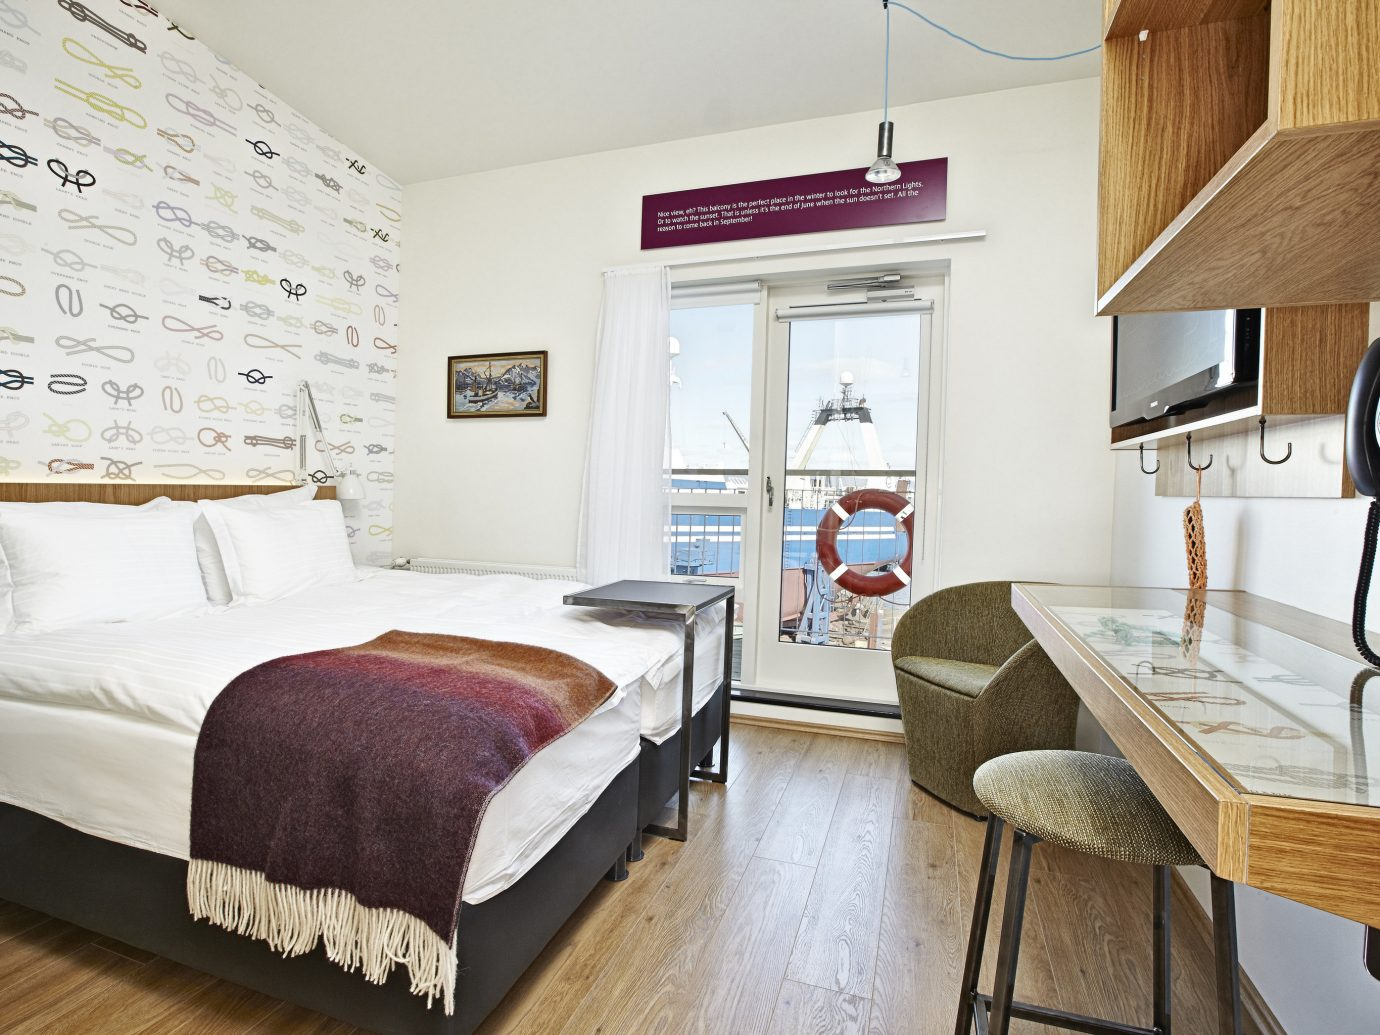 Boutique Hotels Hotels Iceland Reykjavík indoor floor wall room property bed home Bedroom interior design living room hardwood estate real estate cottage Design Suite apartment loft